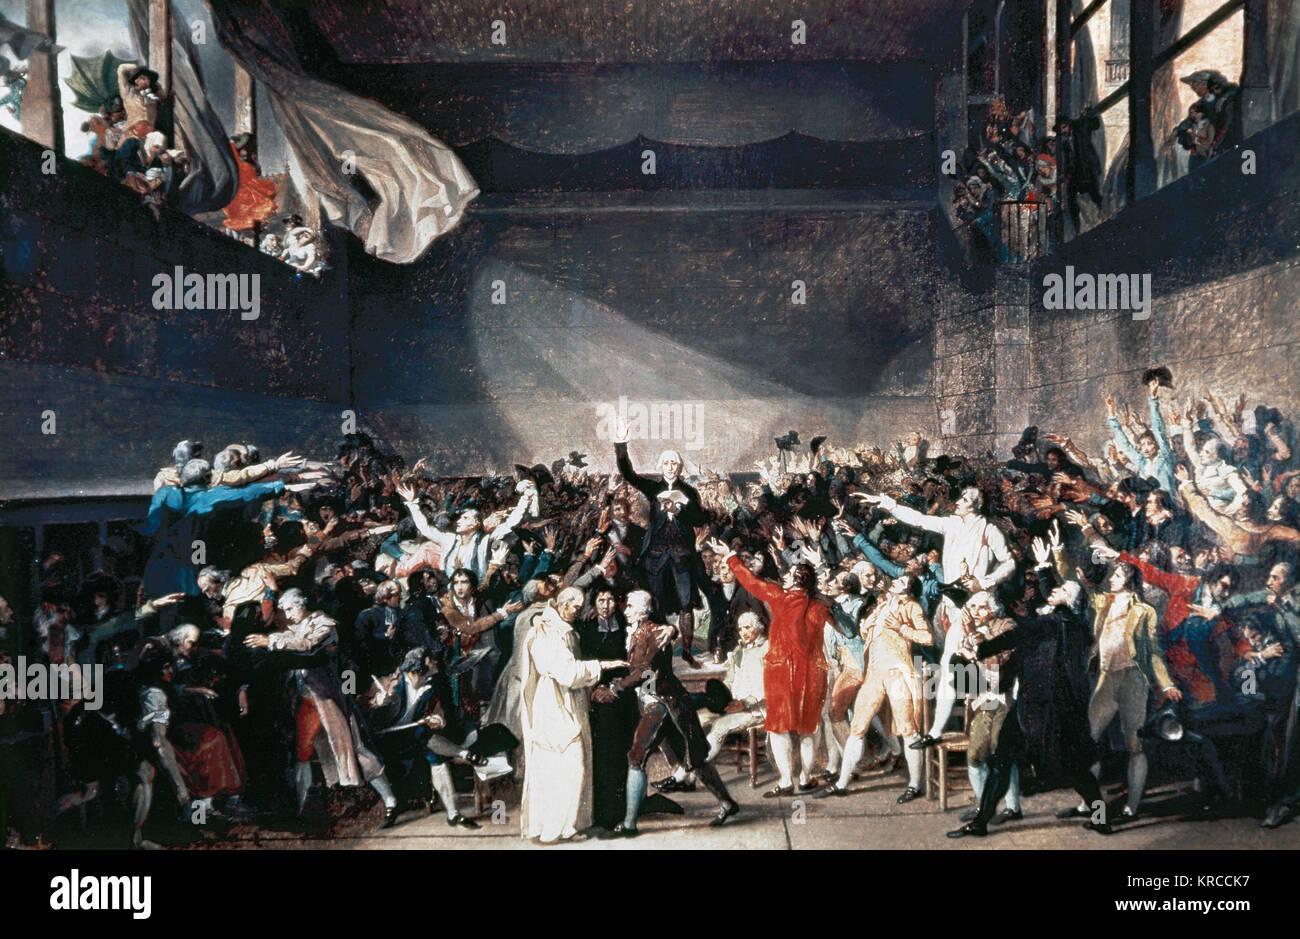 Jacques Louis David 1748 1825 Peintre Francais Dans Le Style Neo Classique Revolution Francaise La Cour De Tennis Serment 20 Juin 1789 La Peinture Musee Carnavalet Paris La France Photo Stock Alamy